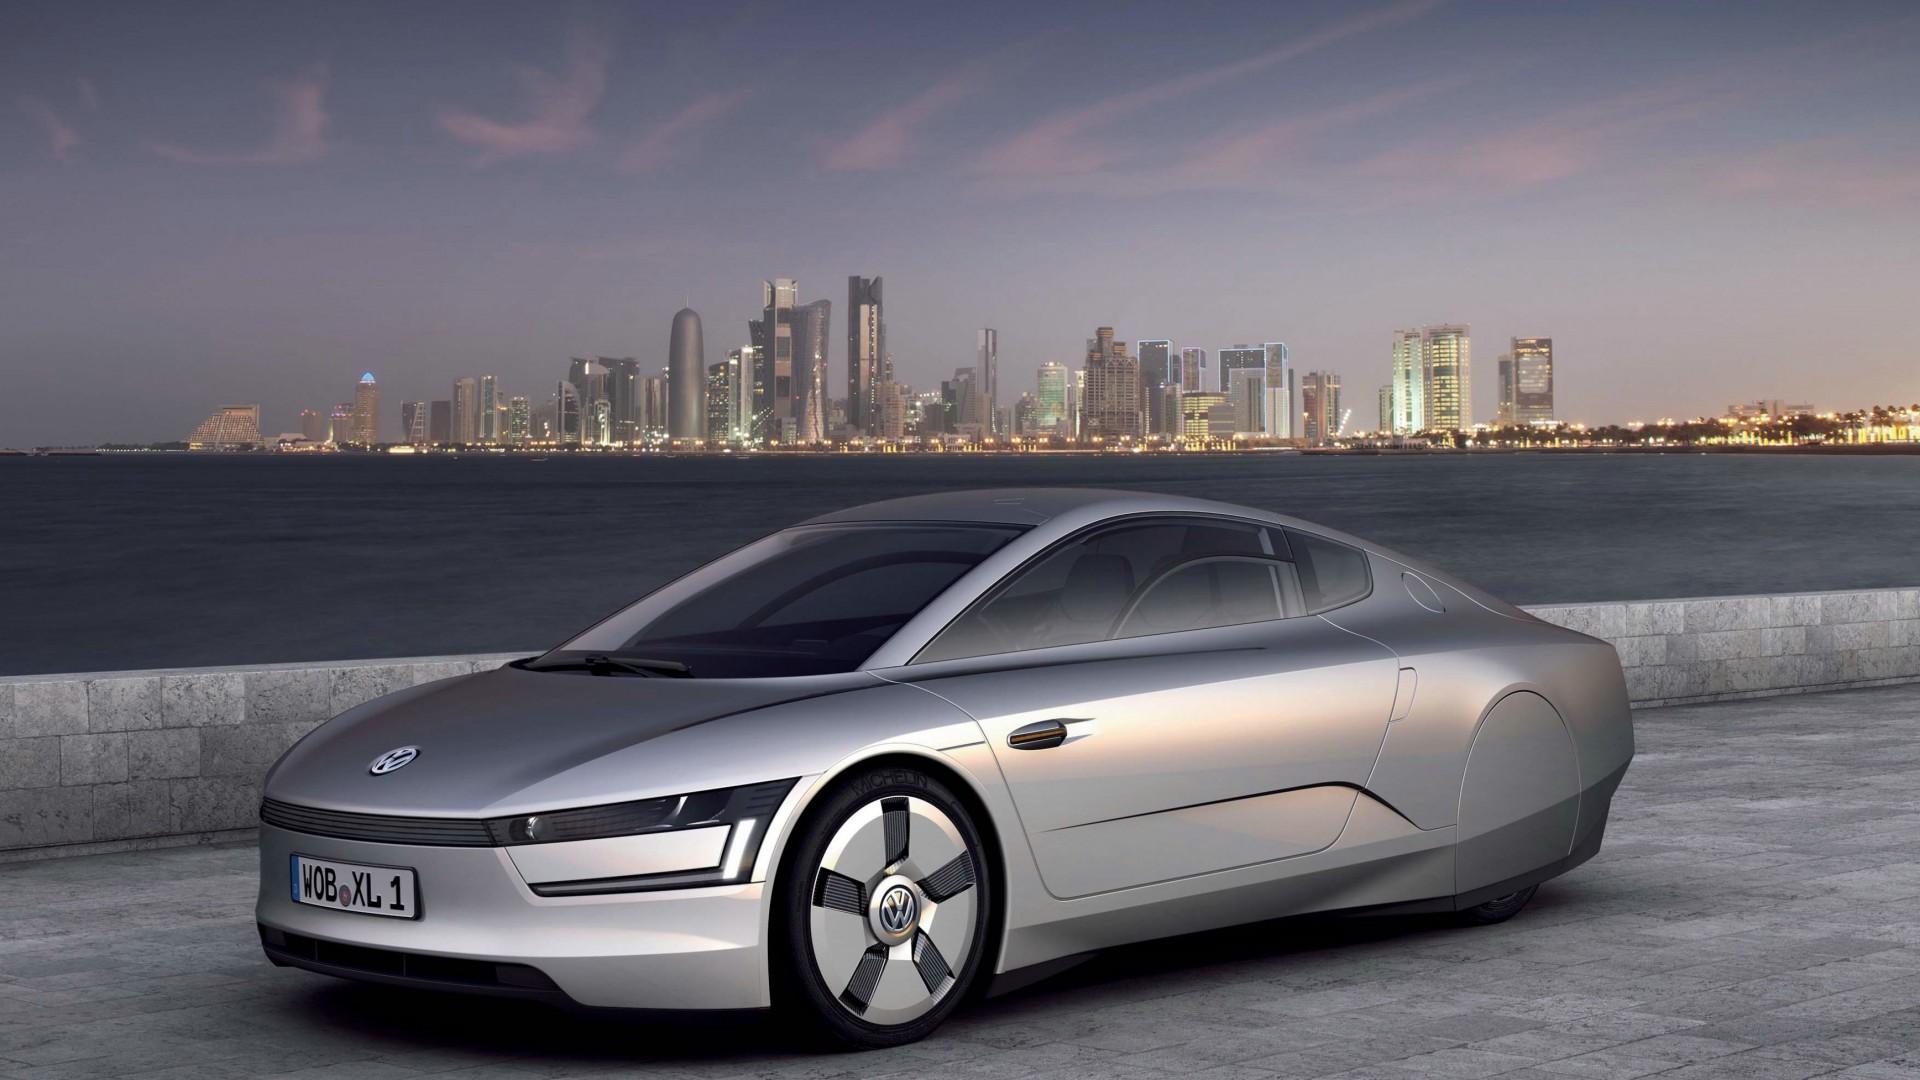 Wallpaper Volkswagen XL1, Electric Cars, Volkswagen